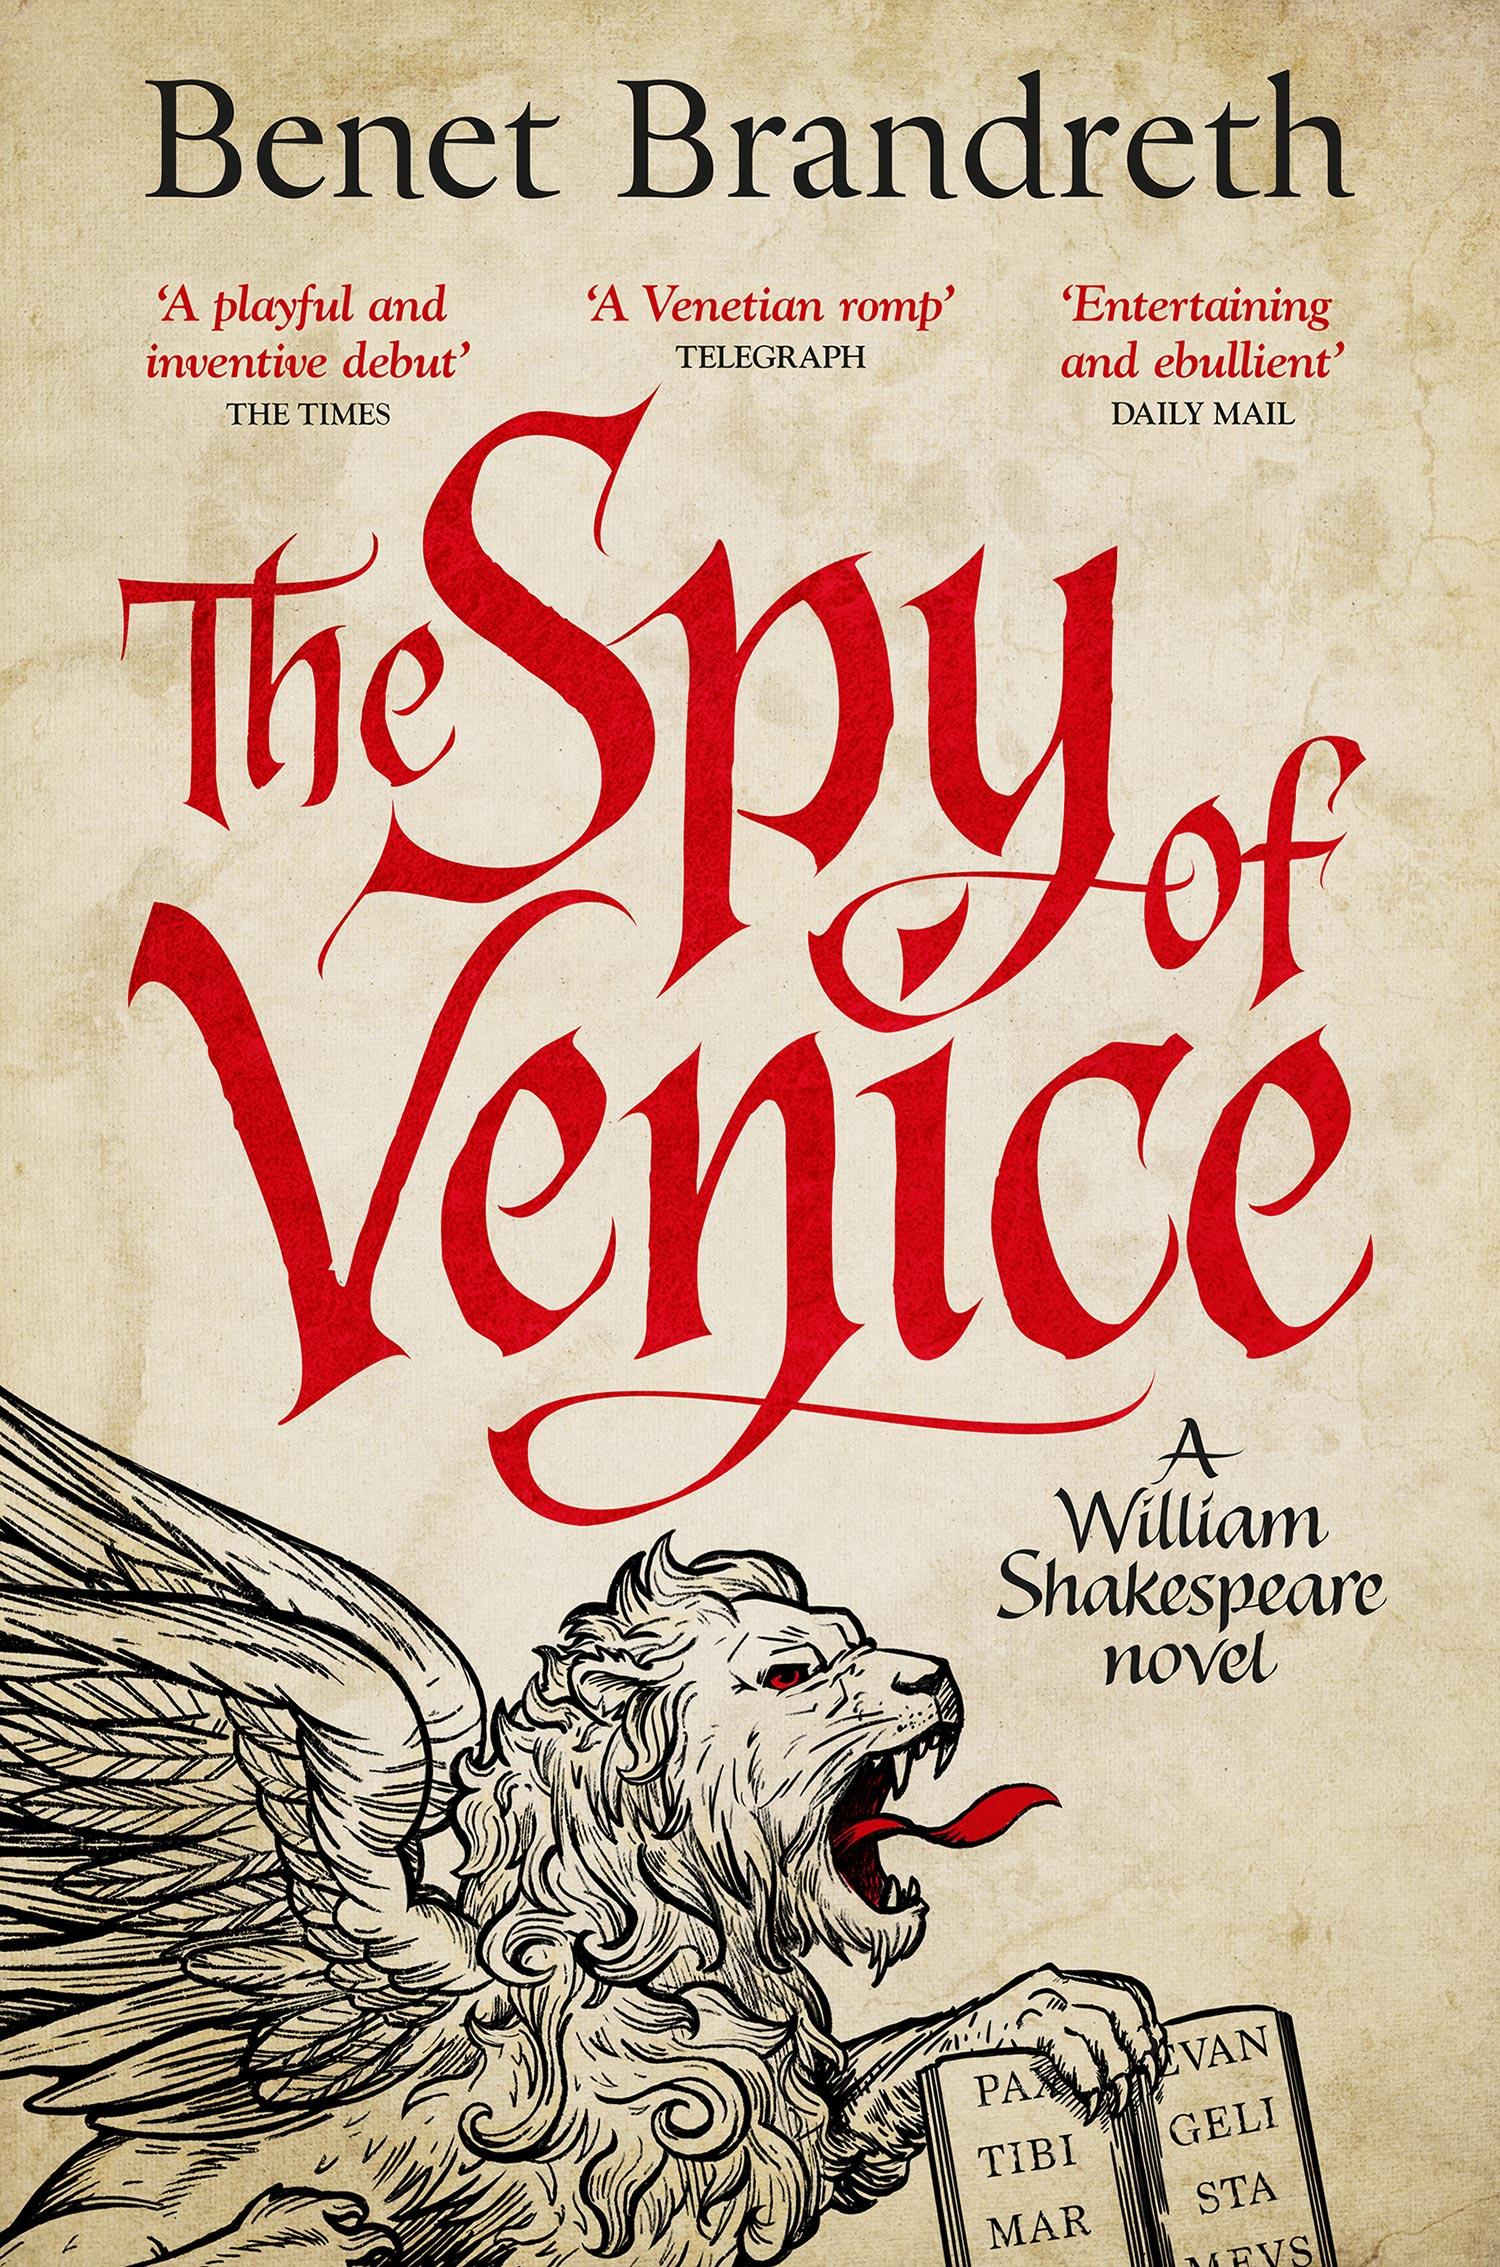 spyofvenice-paperback.jpg